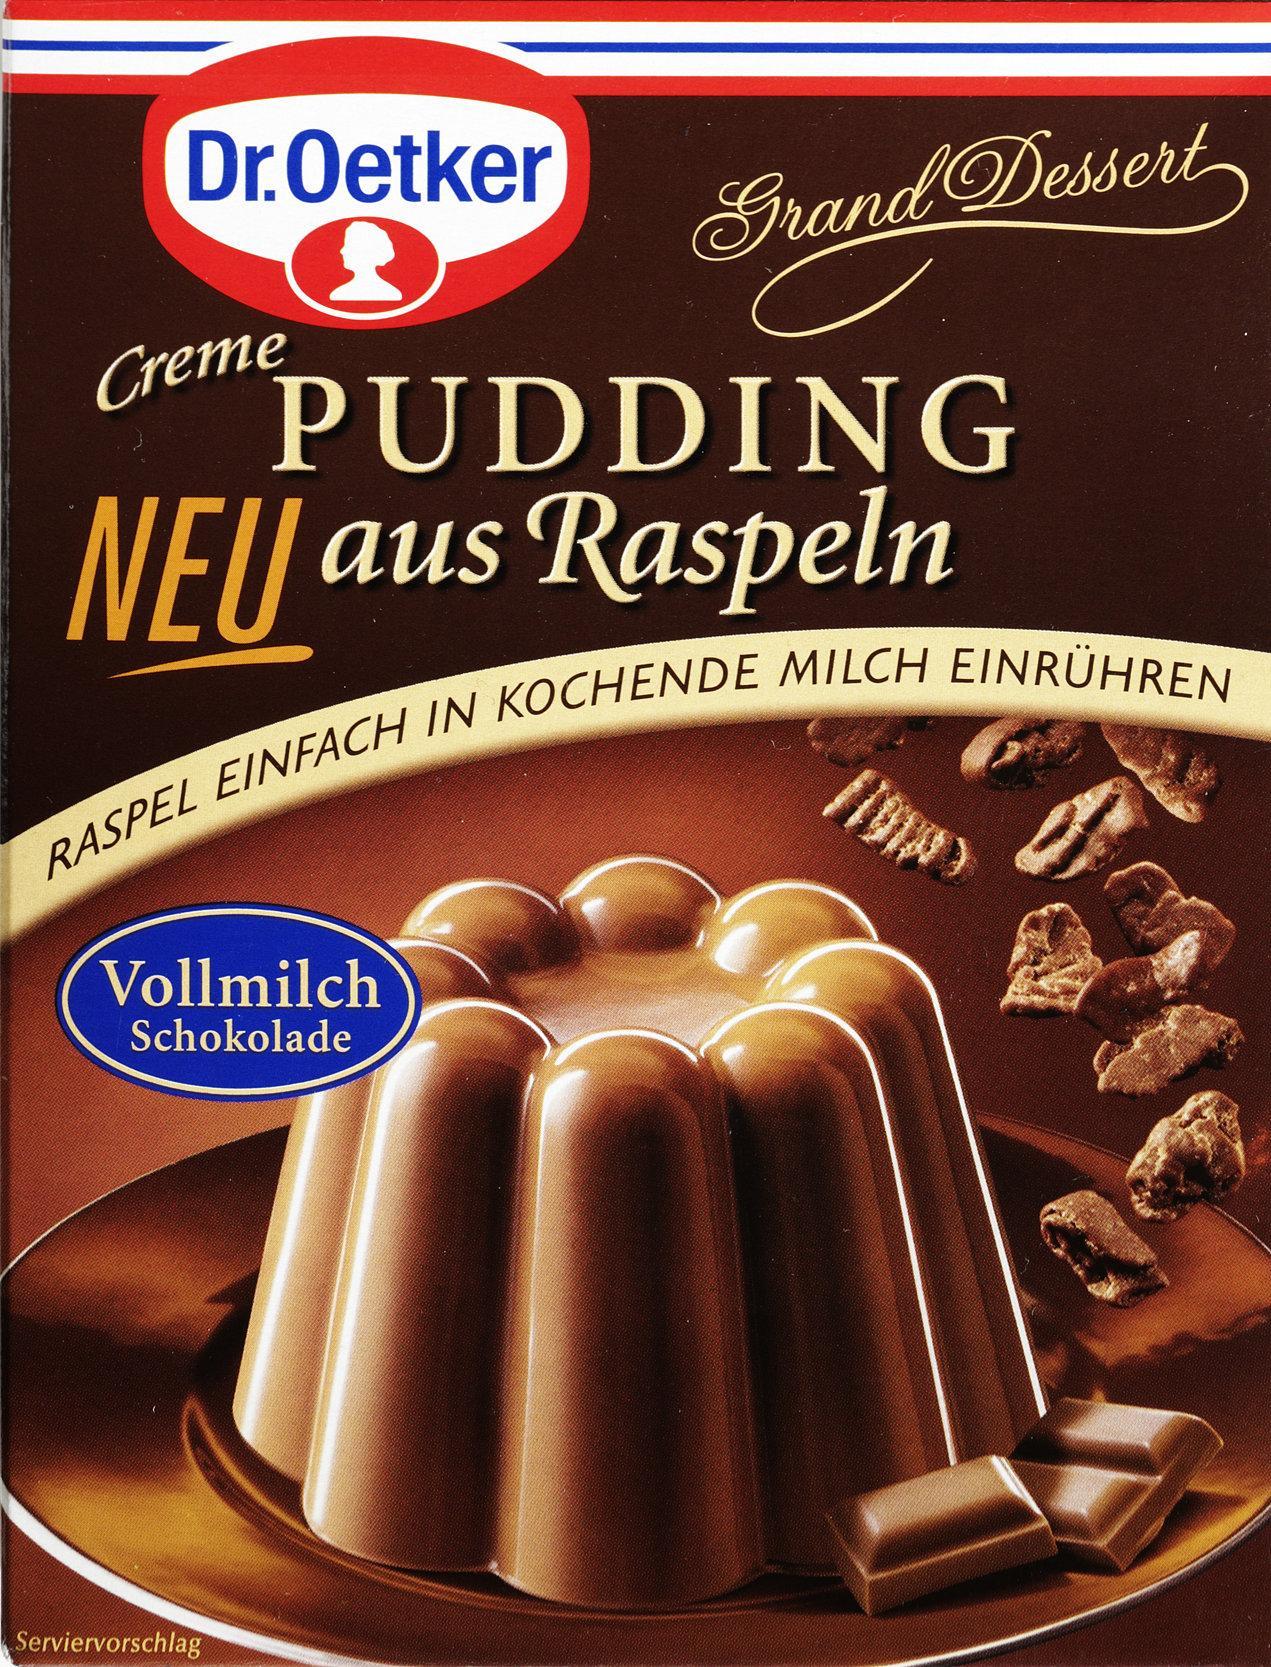 Packung Pudding mit Splits von Dr. Oetker